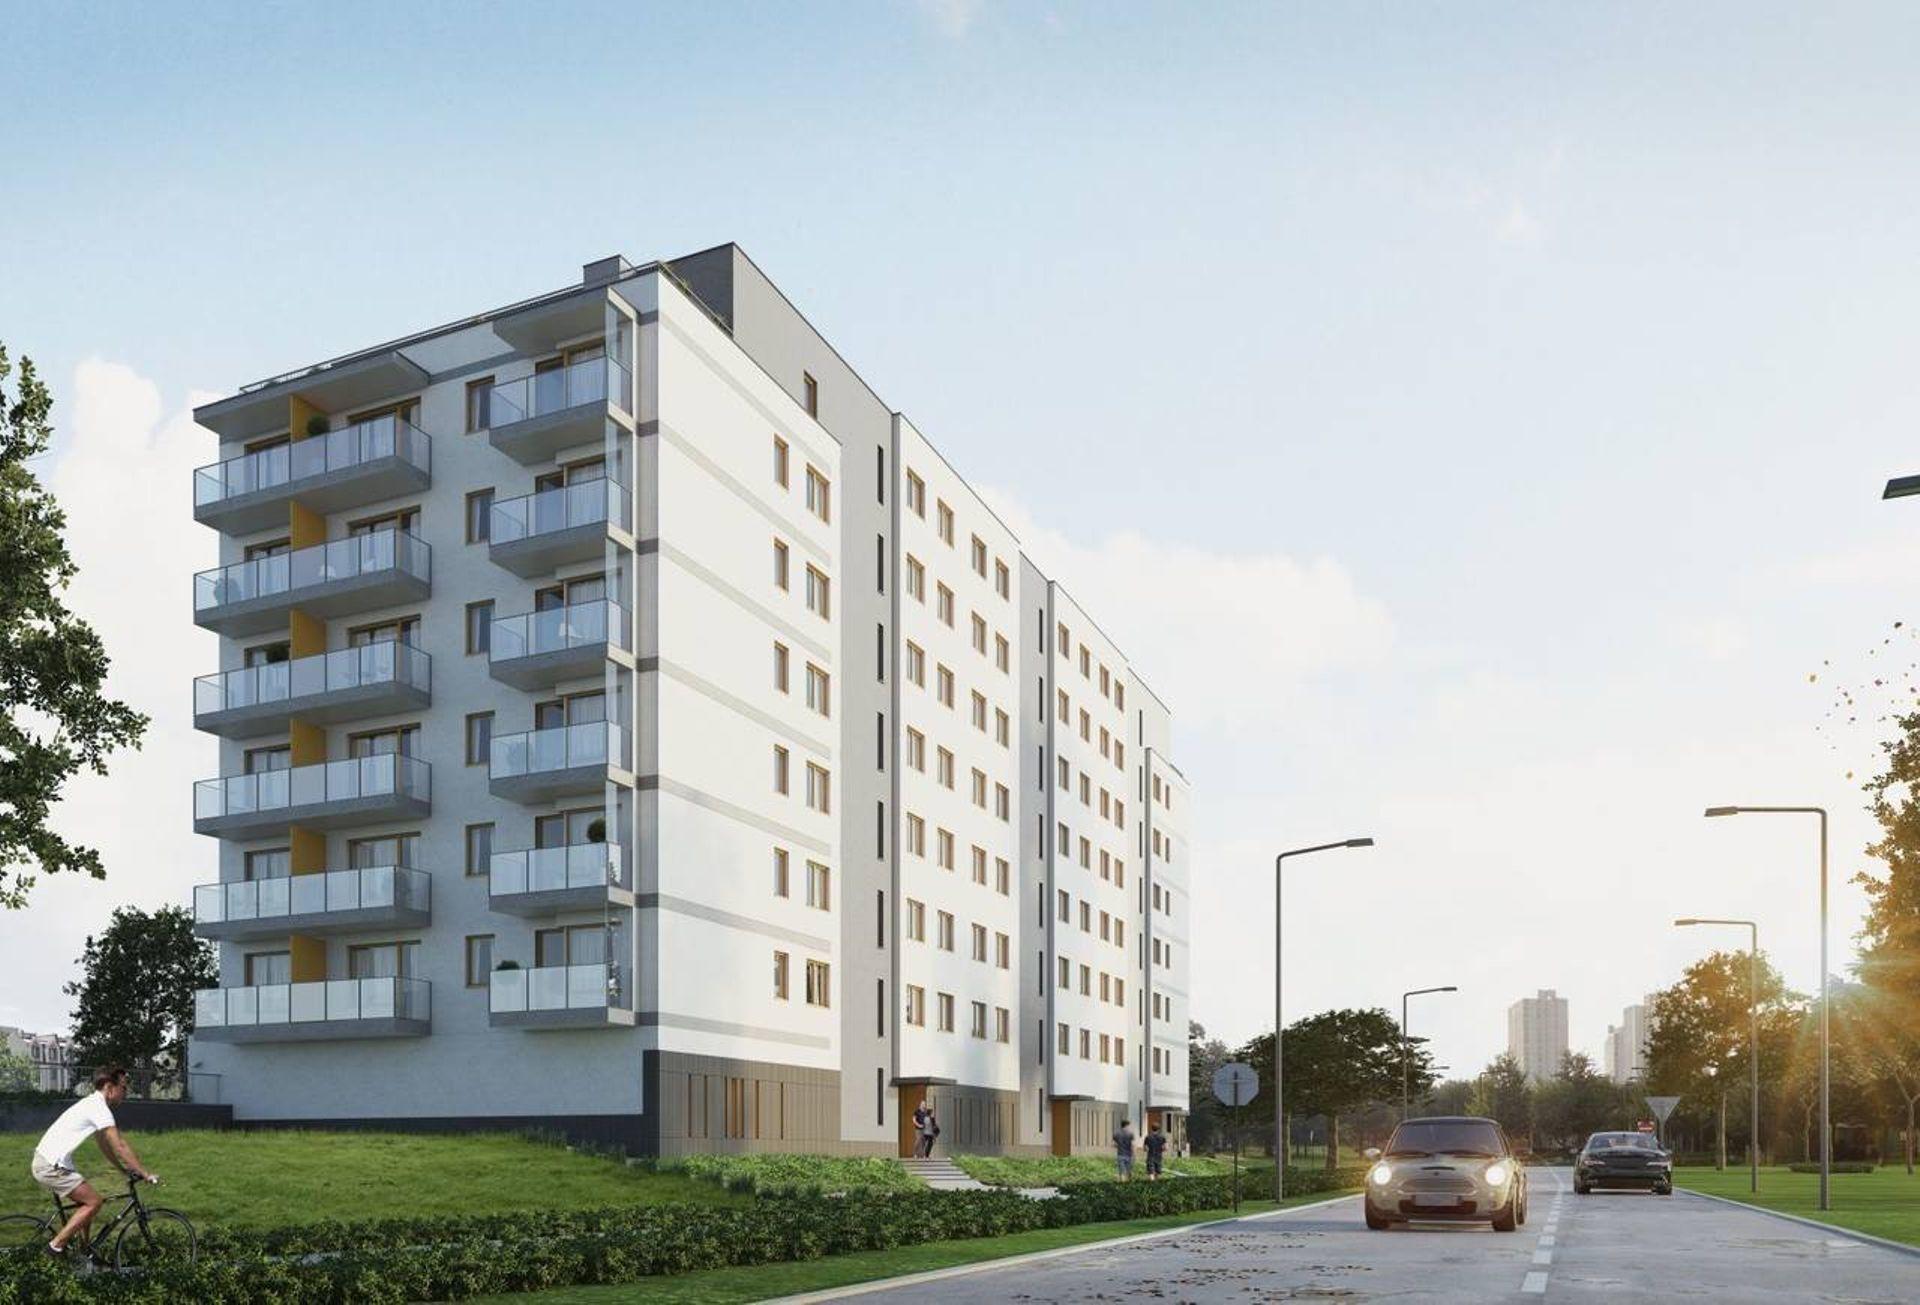 Warszawa: Pasaż Aniński – ED Invest i spółdzielnia mieszkaniowa budują nowe osiedle na Gocławiu